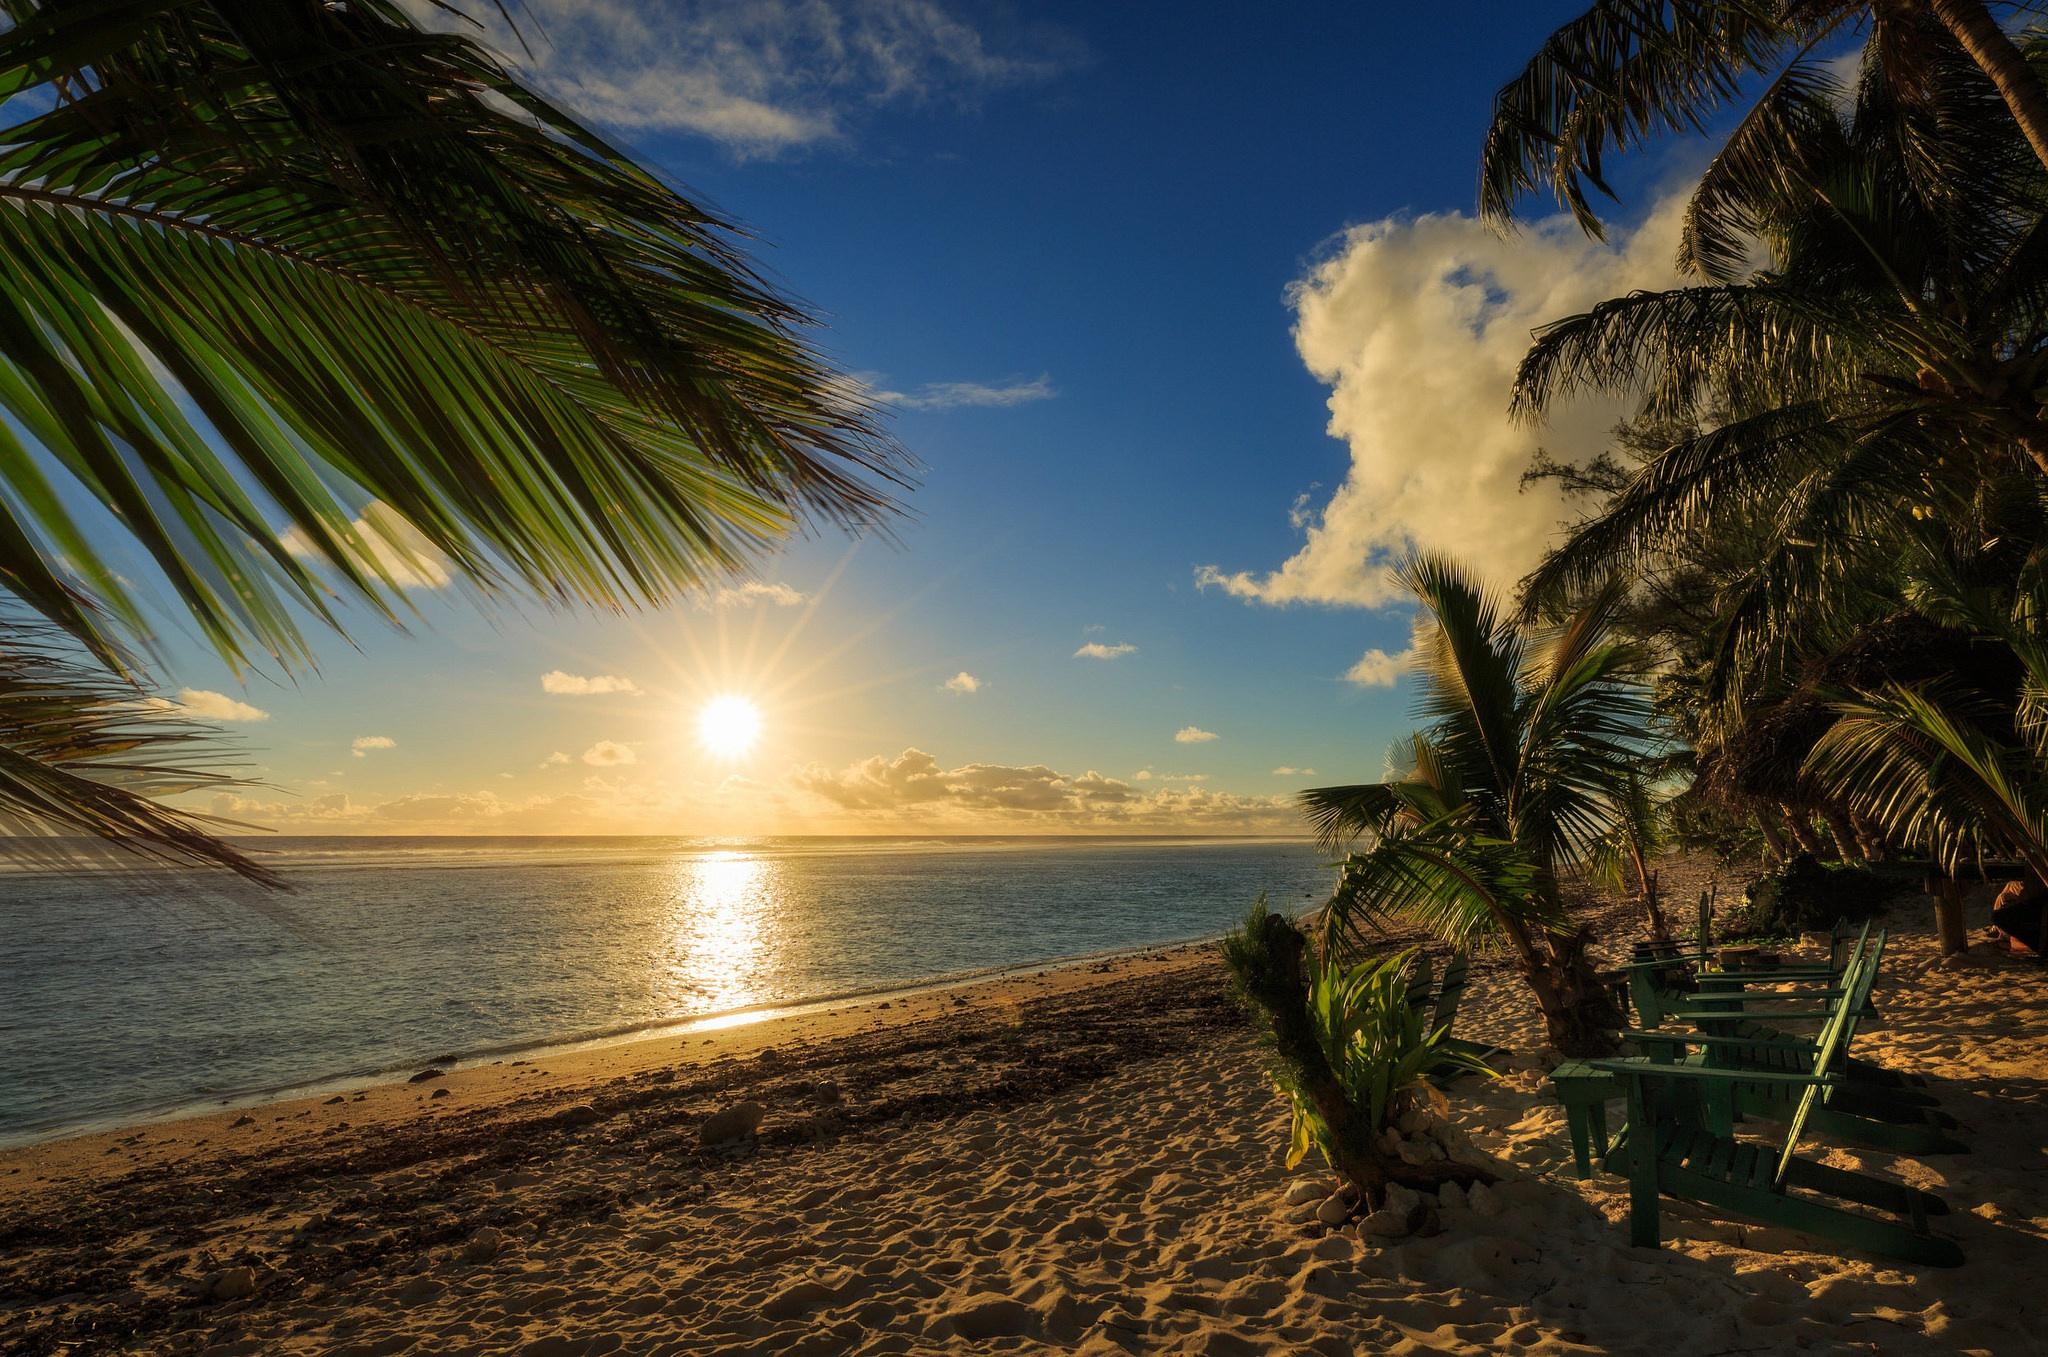 картинки о солнце пляже и пальмах брили тогда